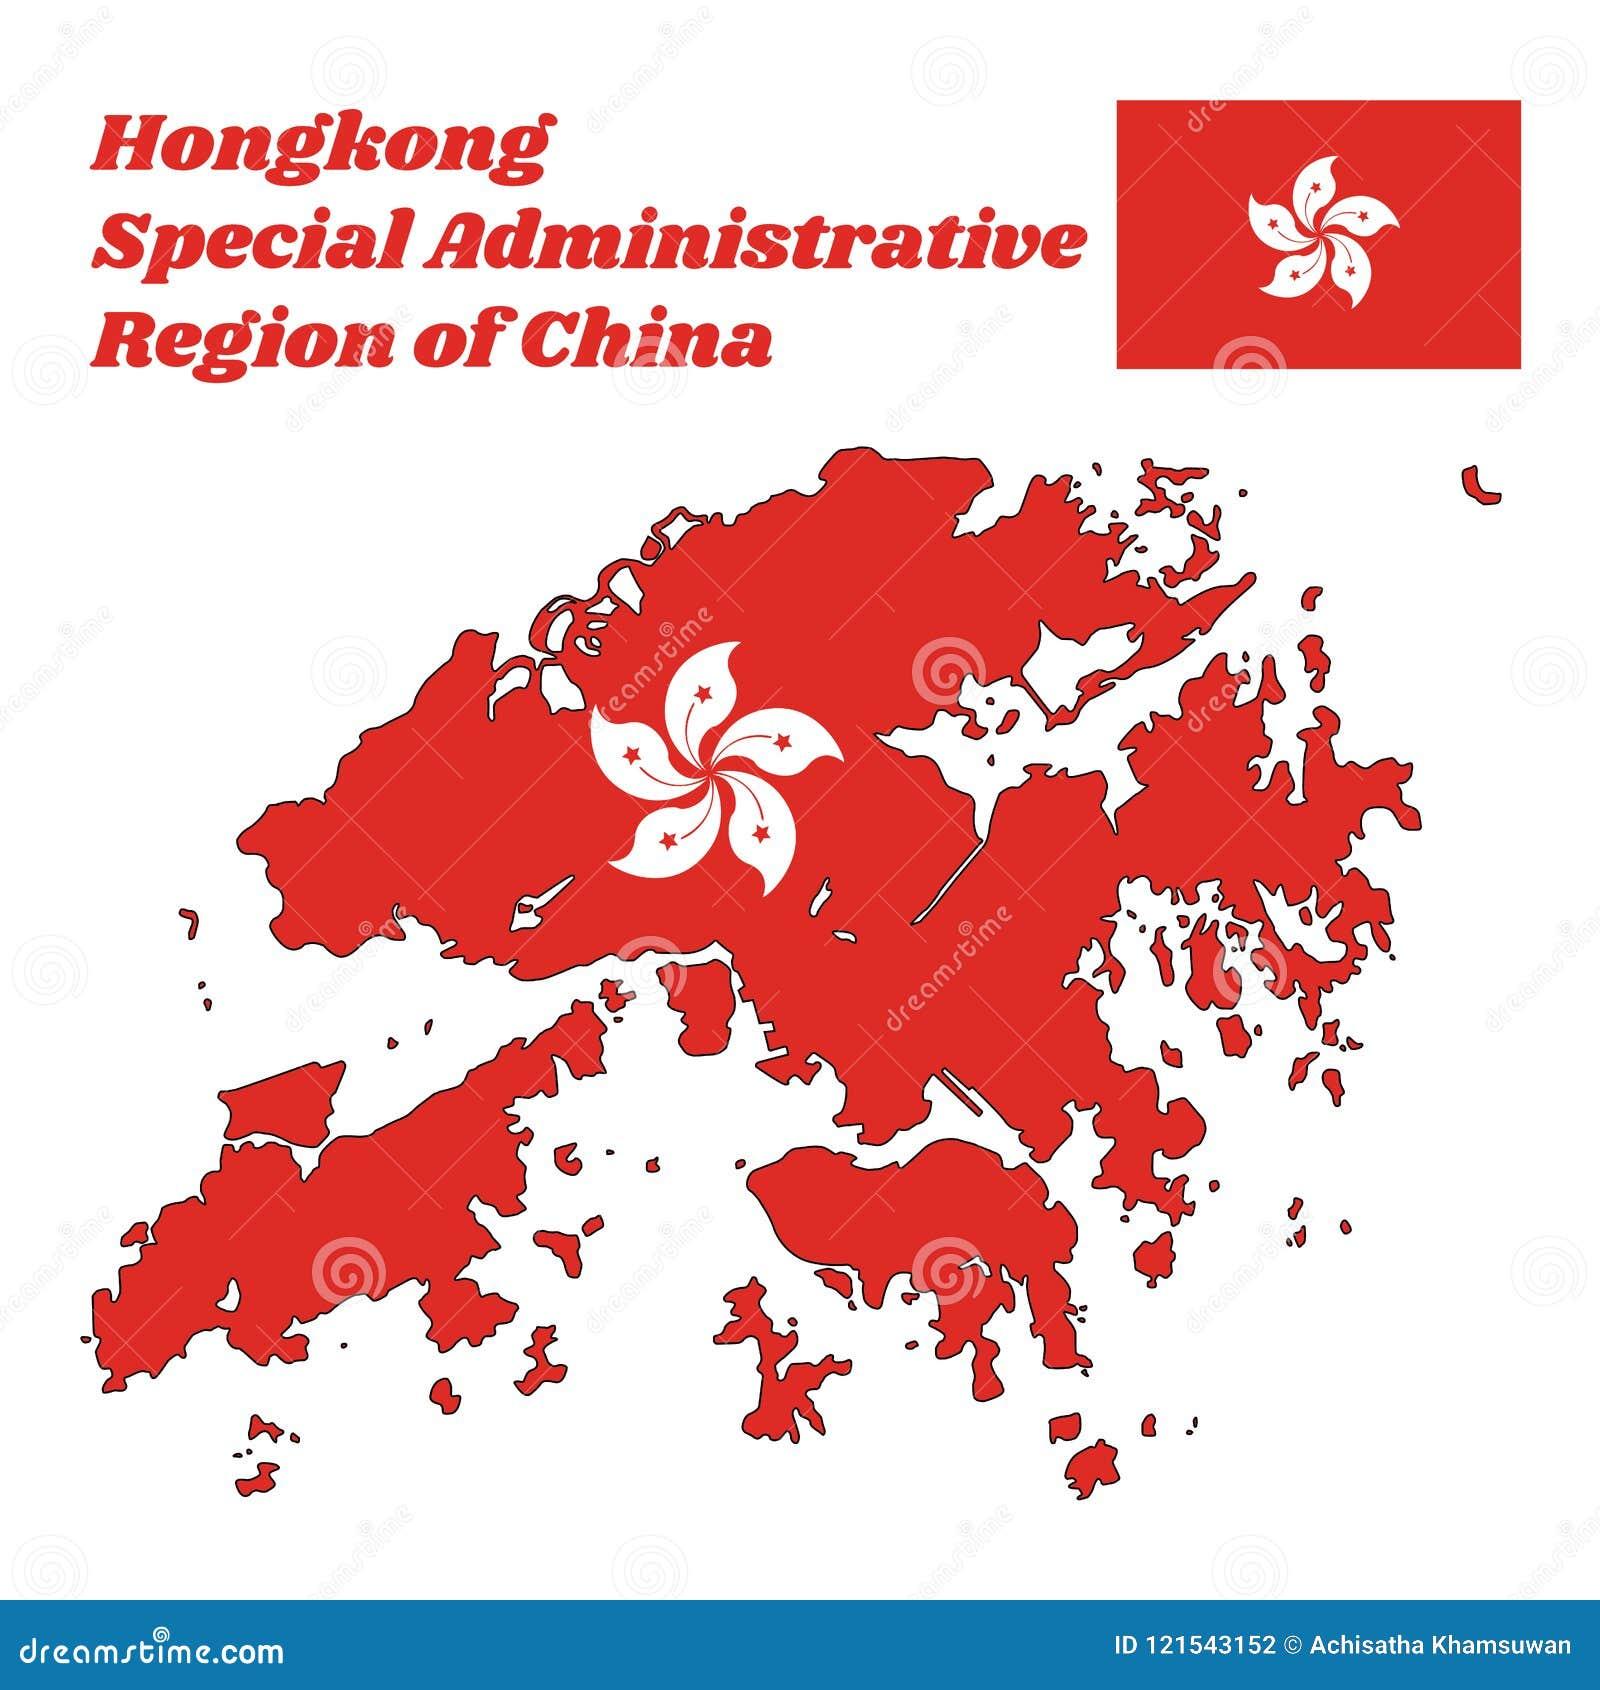 Kaartoverzicht en vlag van Hongkong, een gestileerde, witte, vijf-bloemblaadje Bauhinia-blakeanabloem in het centrum van een rood